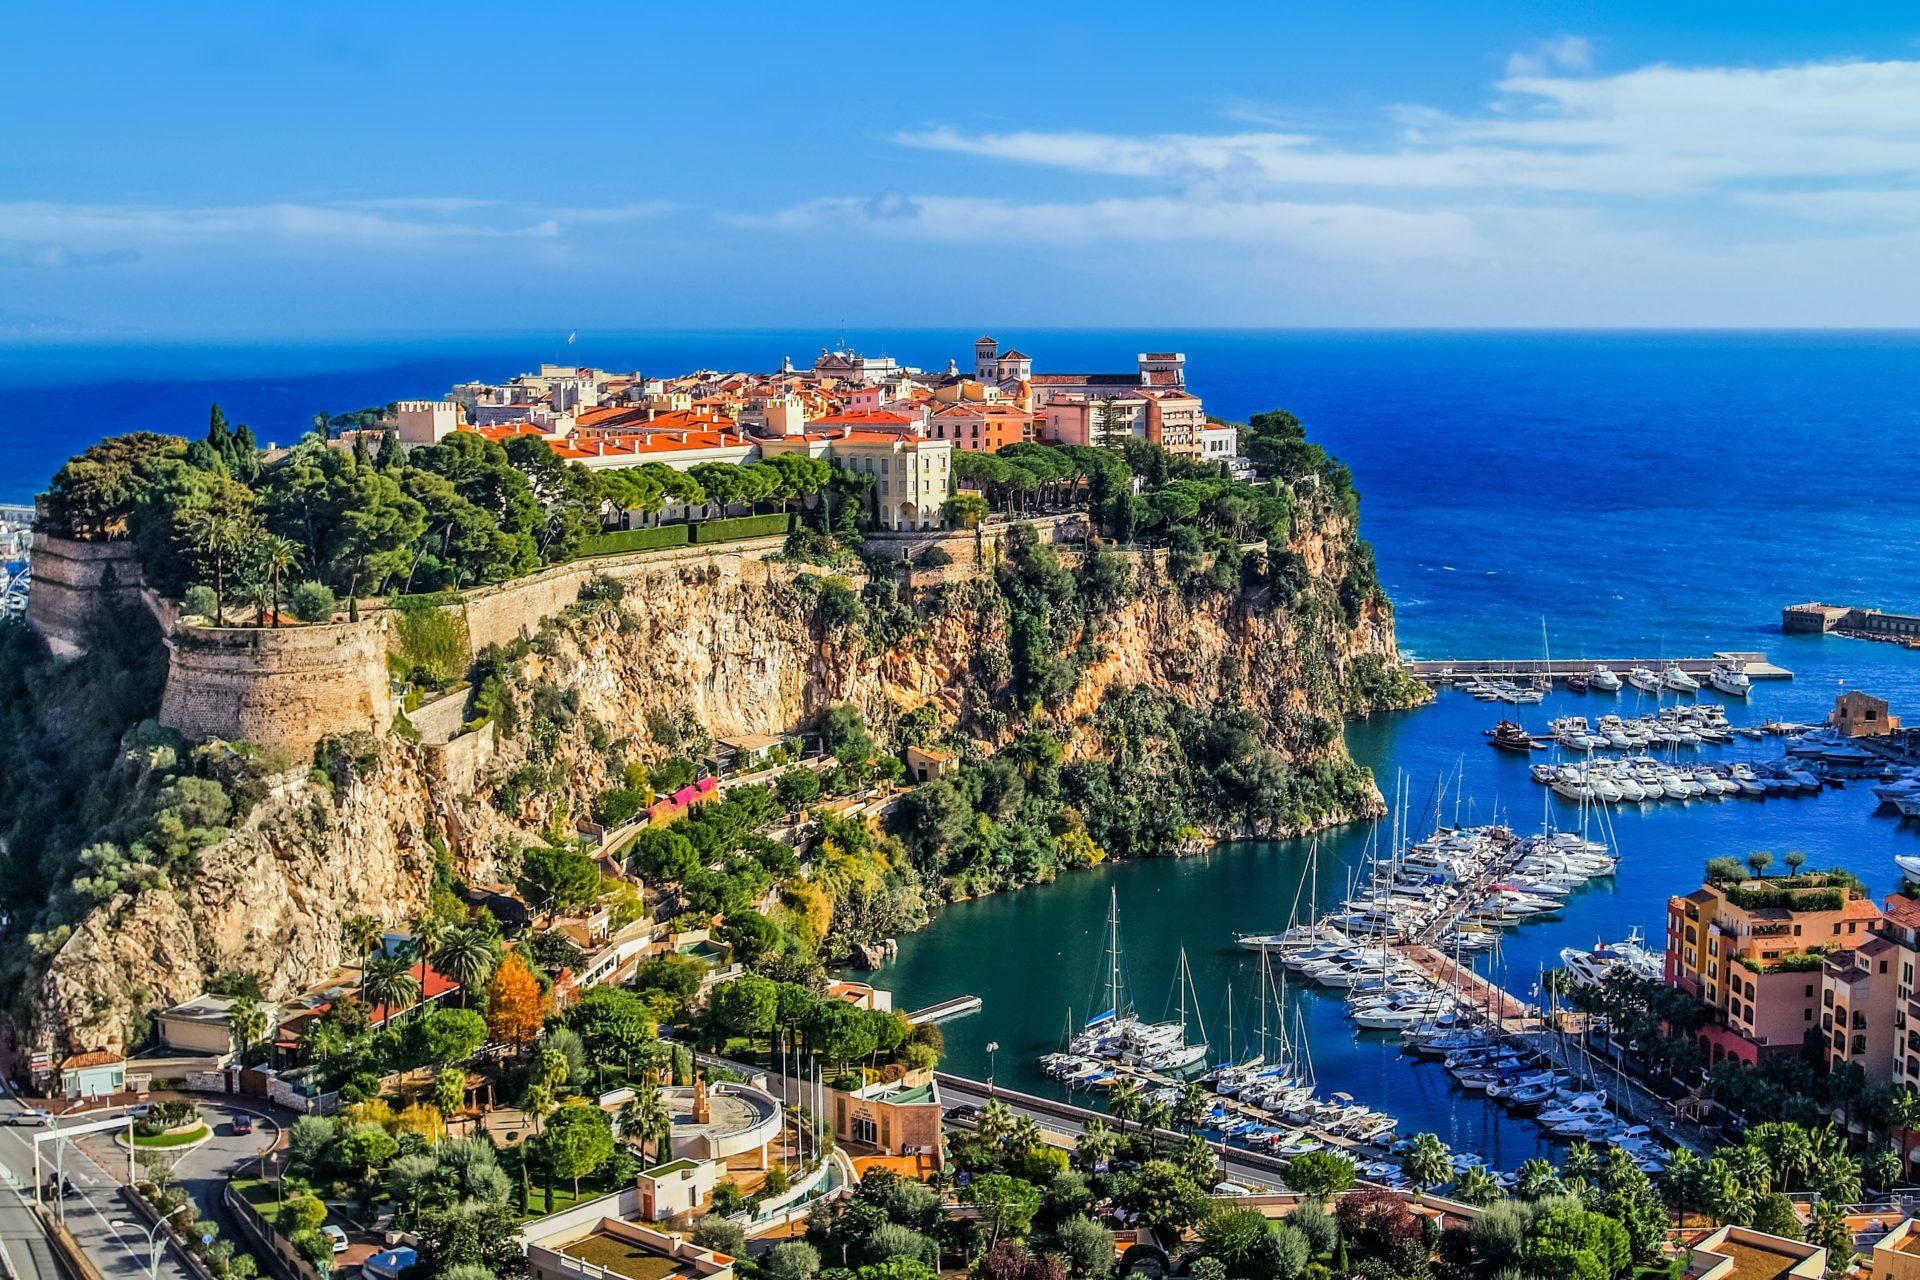 Palais princier de Monaco sur le rocher